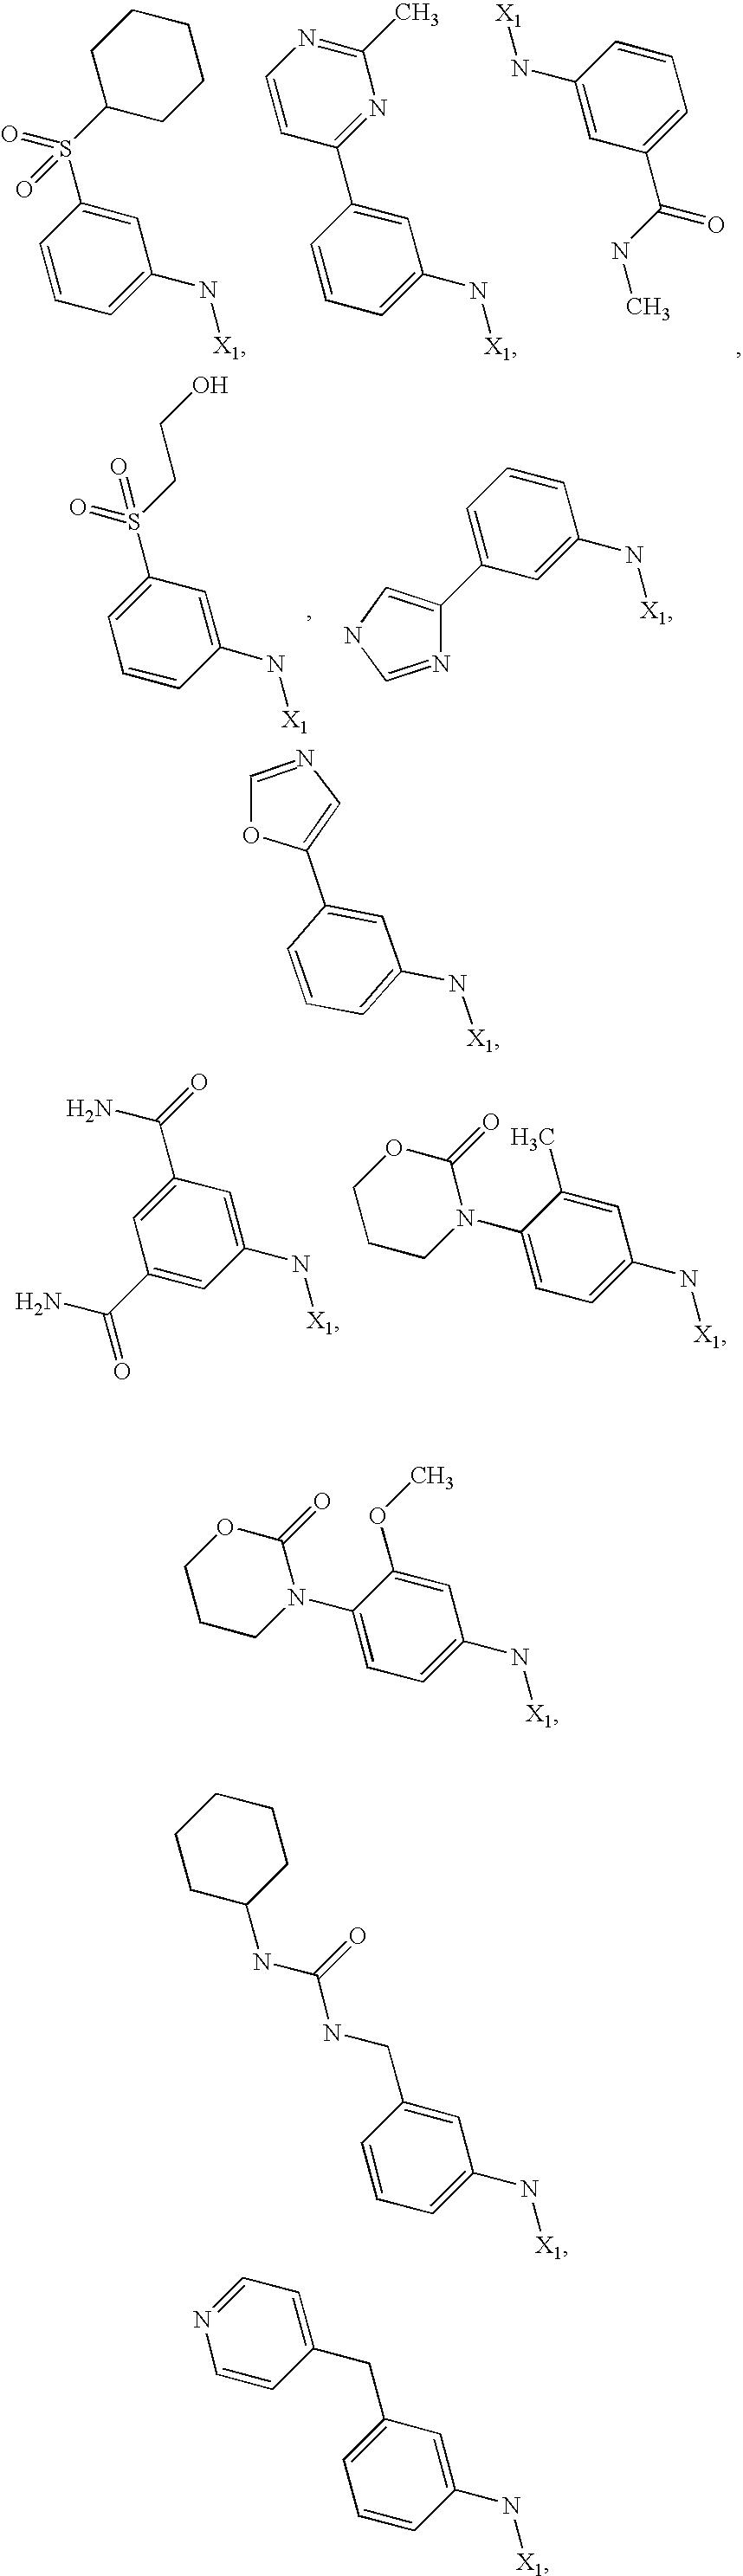 Figure US20100261687A1-20101014-C00026